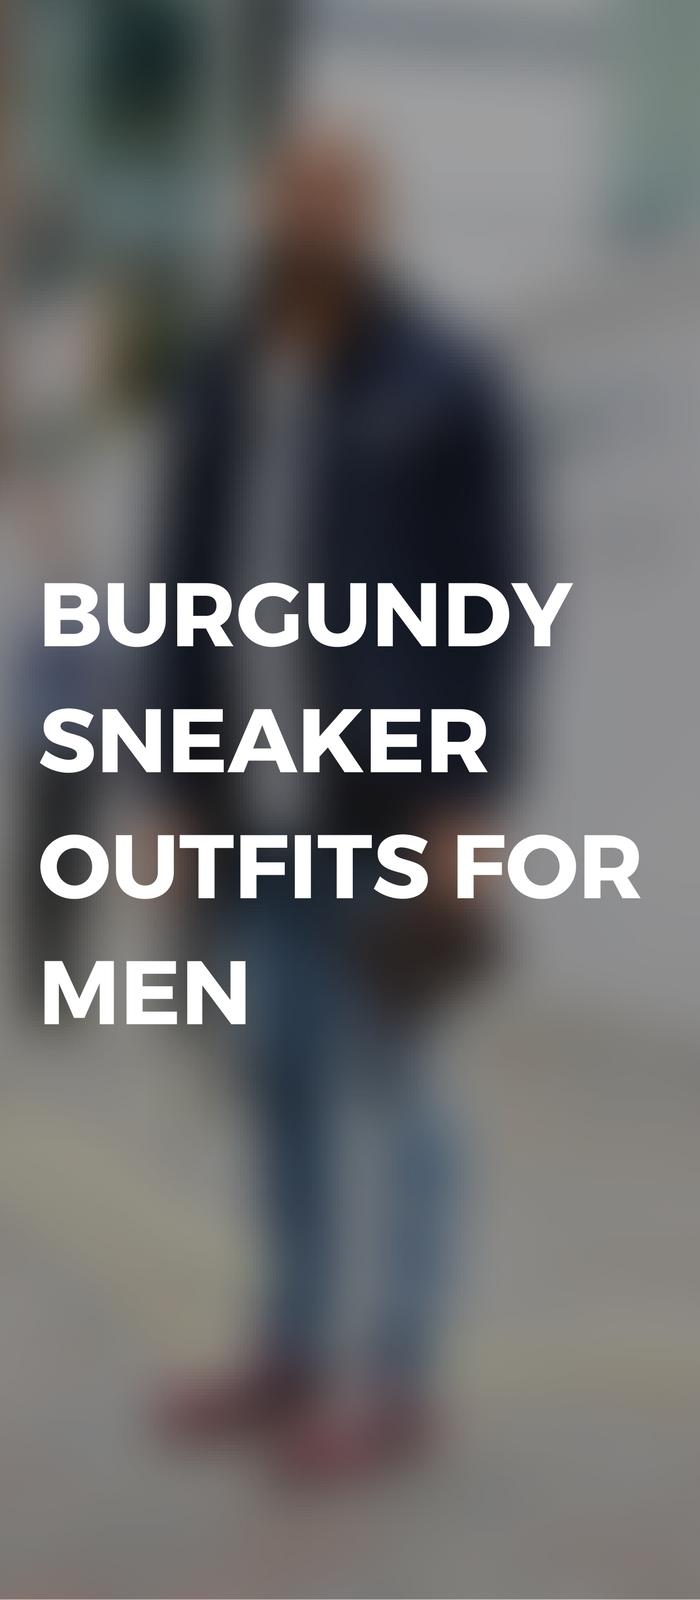 Burgundy Sneaker Outfits.jpg